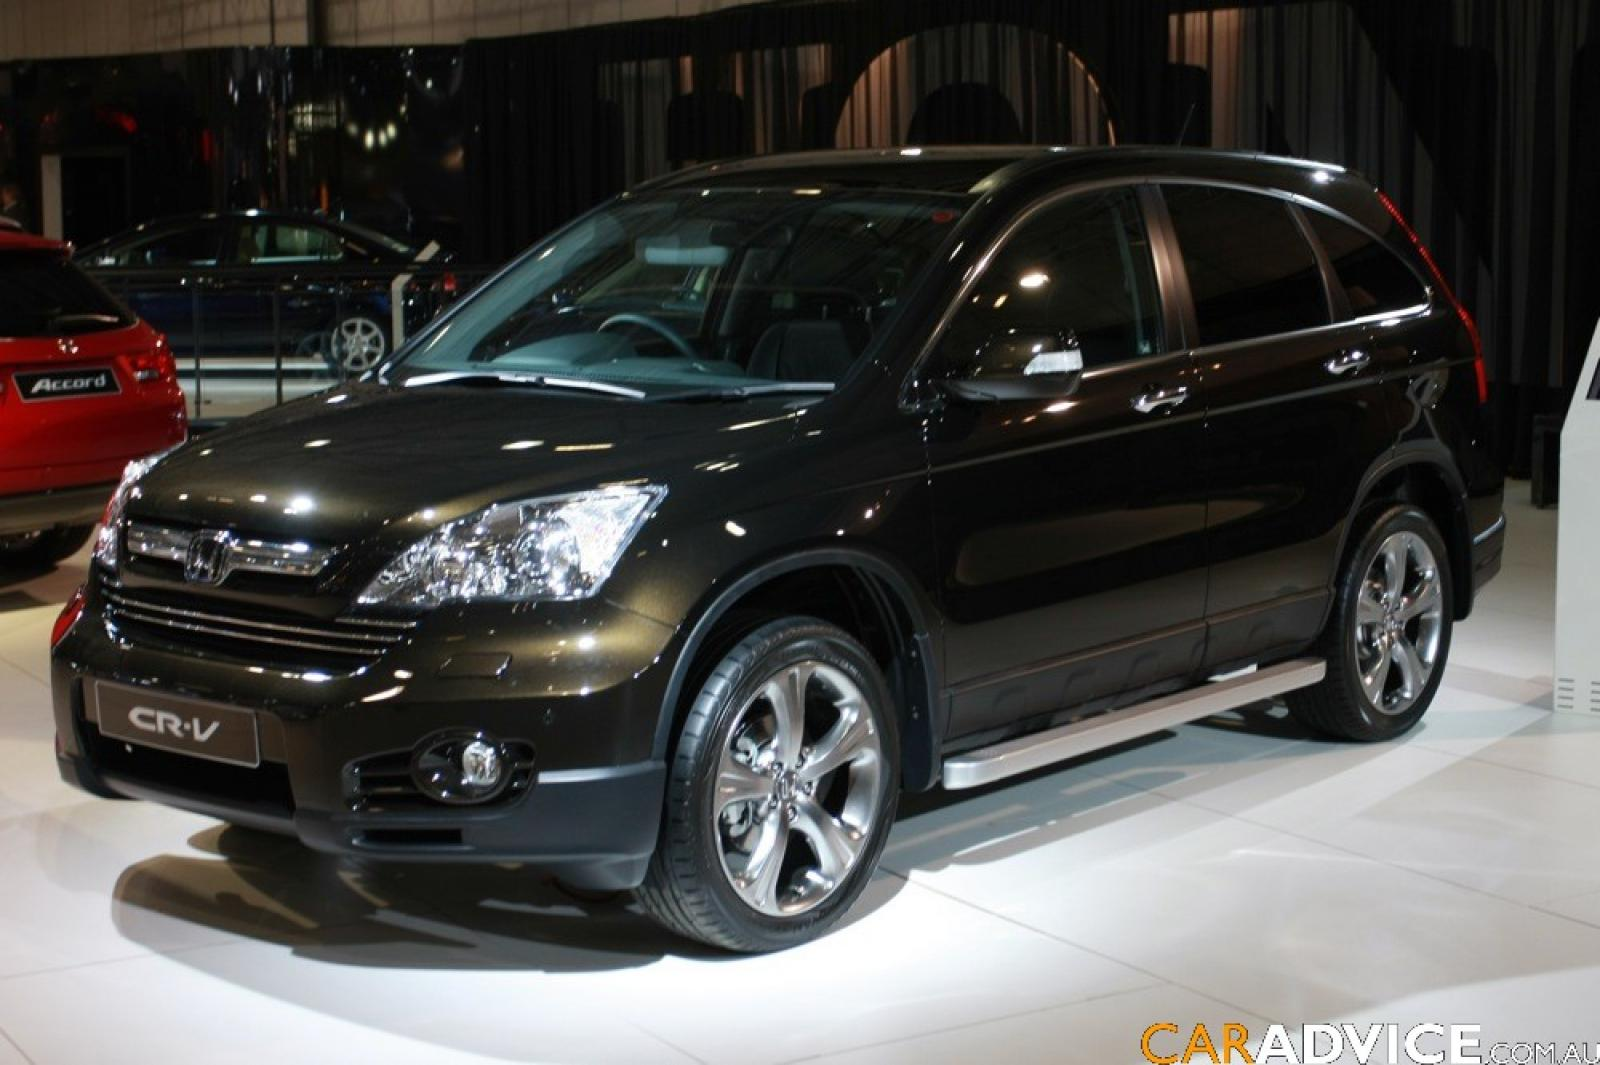 800 1024 1280 1600 Origin 2008 Honda Cr V